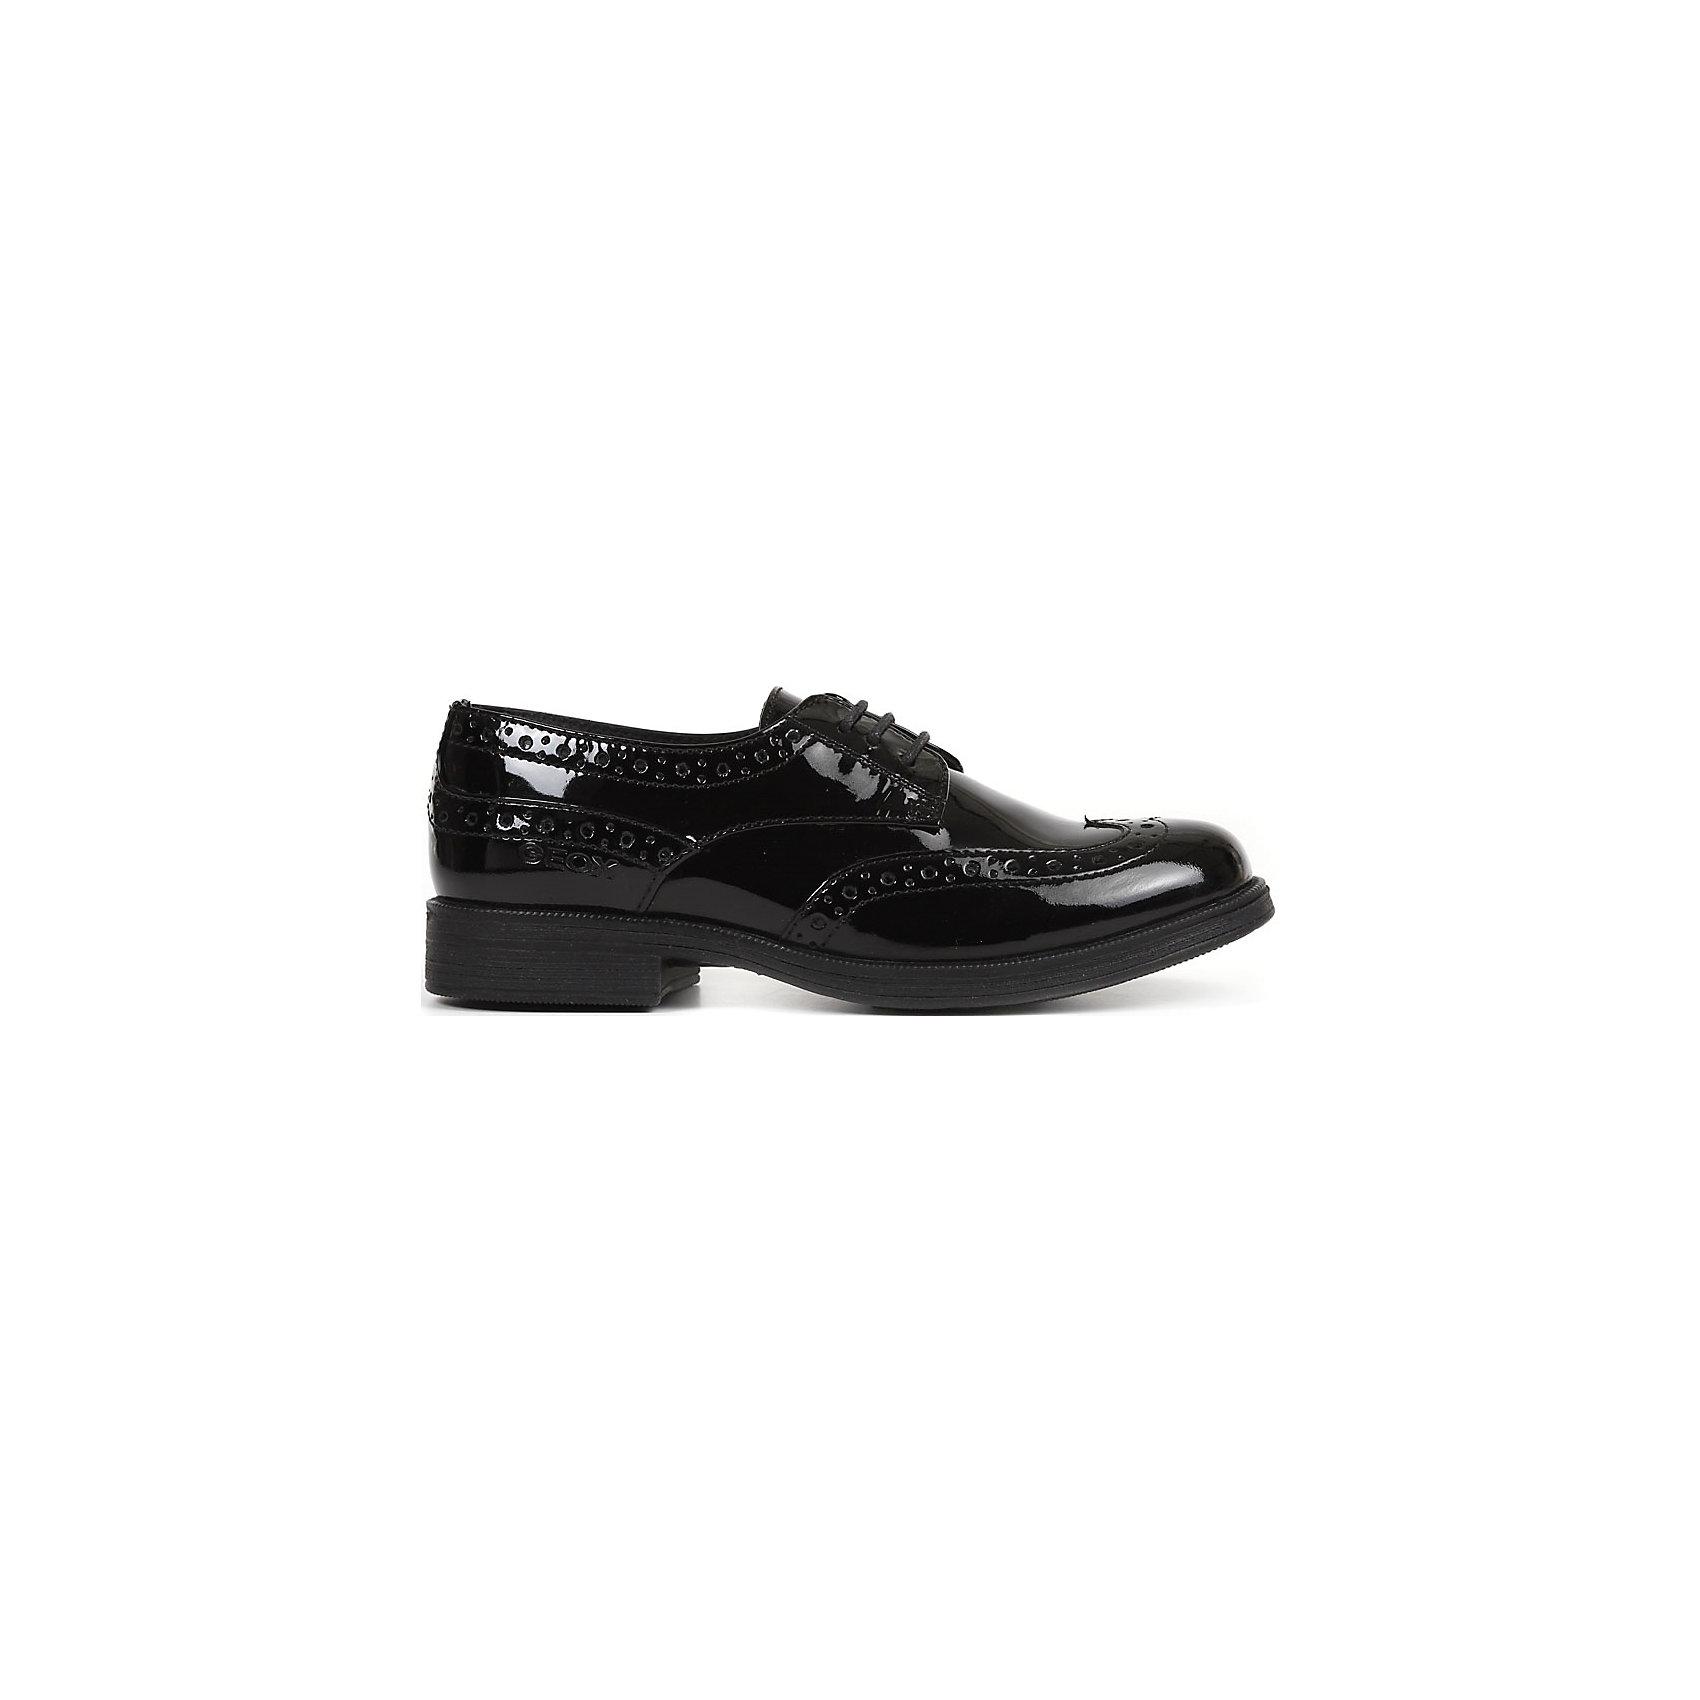 Полуботинки для девочки GeoxОбувь<br>Блестящие и очень стильные! Актуальные туфли GEOX (ГЕОКС) прекрасный выбор для школы и прогулок. Ножки ребенка будут Вам благодарны. Туфли выполнены из натуральной кожи, стопа в них отлично дышит. Удобная шнуровка, перфорированные акценты и устойчивый каблучок. Благодаря своему опыту специалисты компании GEOX (ГЕОКС) точно знают что необходимо ногам ребенка каждого возраста. Балетки универсальная обувь, в которой всегда комфортно. Полимерная подошва этой модели создана по эксклюзивной технологии GEOX (ГЕОКС) и снабжена дышащей и водонепроницаемой мембраной, что способствует естественной терморегуляции и создает внутри обуви идеальный микроклимат.  <br><br>Дополнительная информация:<br><br>- Сезон: весна/лето;<br>- Запатентованная мембранная технология Breathable;<br>- Материал верха: натуральная кожа;     <br>- Материал подошвы: резина;                                                                                                                     <br>- Подкладка: 70% текстиль, 30% натуральная кожа;<br>- Стильный дизайн.<br>                                                         <br>Туфли для девочки GEOX (ГЕОКС) можно купить в нашем интернет-магазине.<br><br>Ширина мм: 227<br>Глубина мм: 145<br>Высота мм: 124<br>Вес г: 325<br>Цвет: черный<br>Возраст от месяцев: 72<br>Возраст до месяцев: 84<br>Пол: Женский<br>Возраст: Детский<br>Размер: 30,39,32,36,35,34,33,37,37,28,28,30,39,29,31,29,38,38,31<br>SKU: 4011877